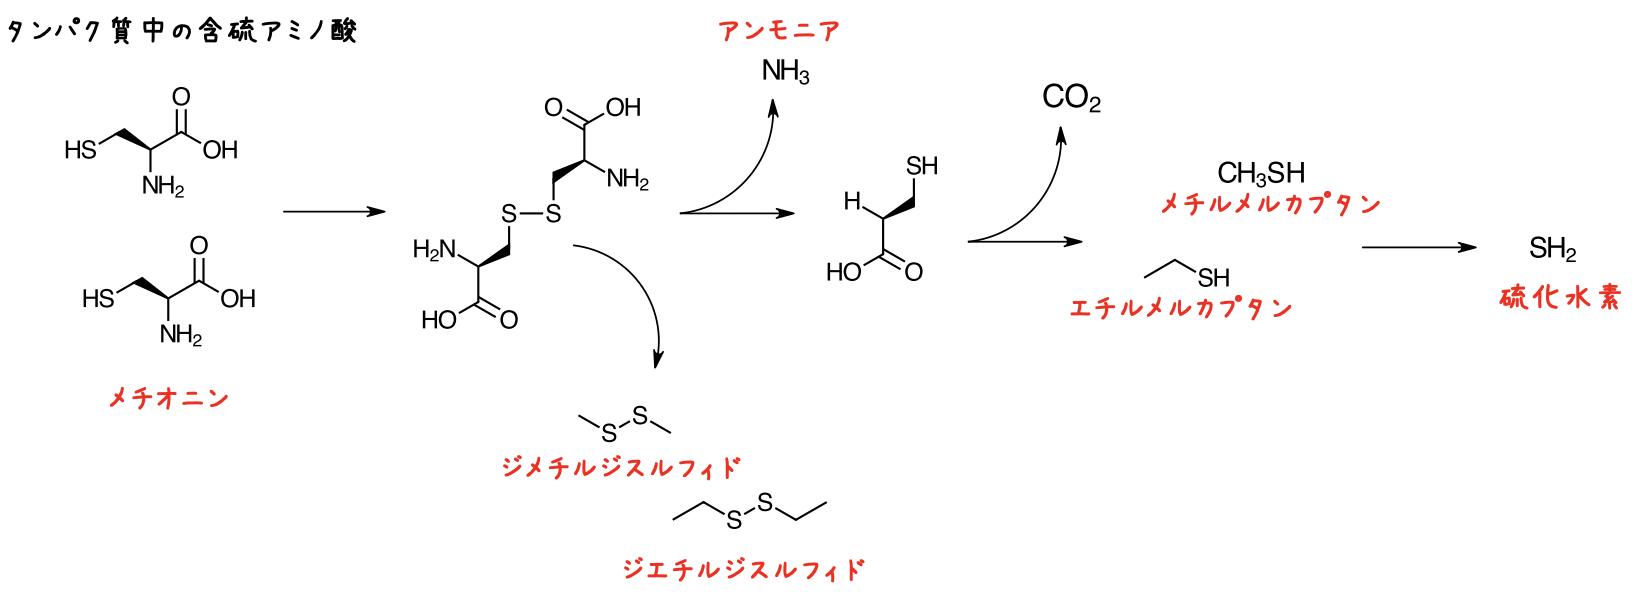 メチオニンの分解例